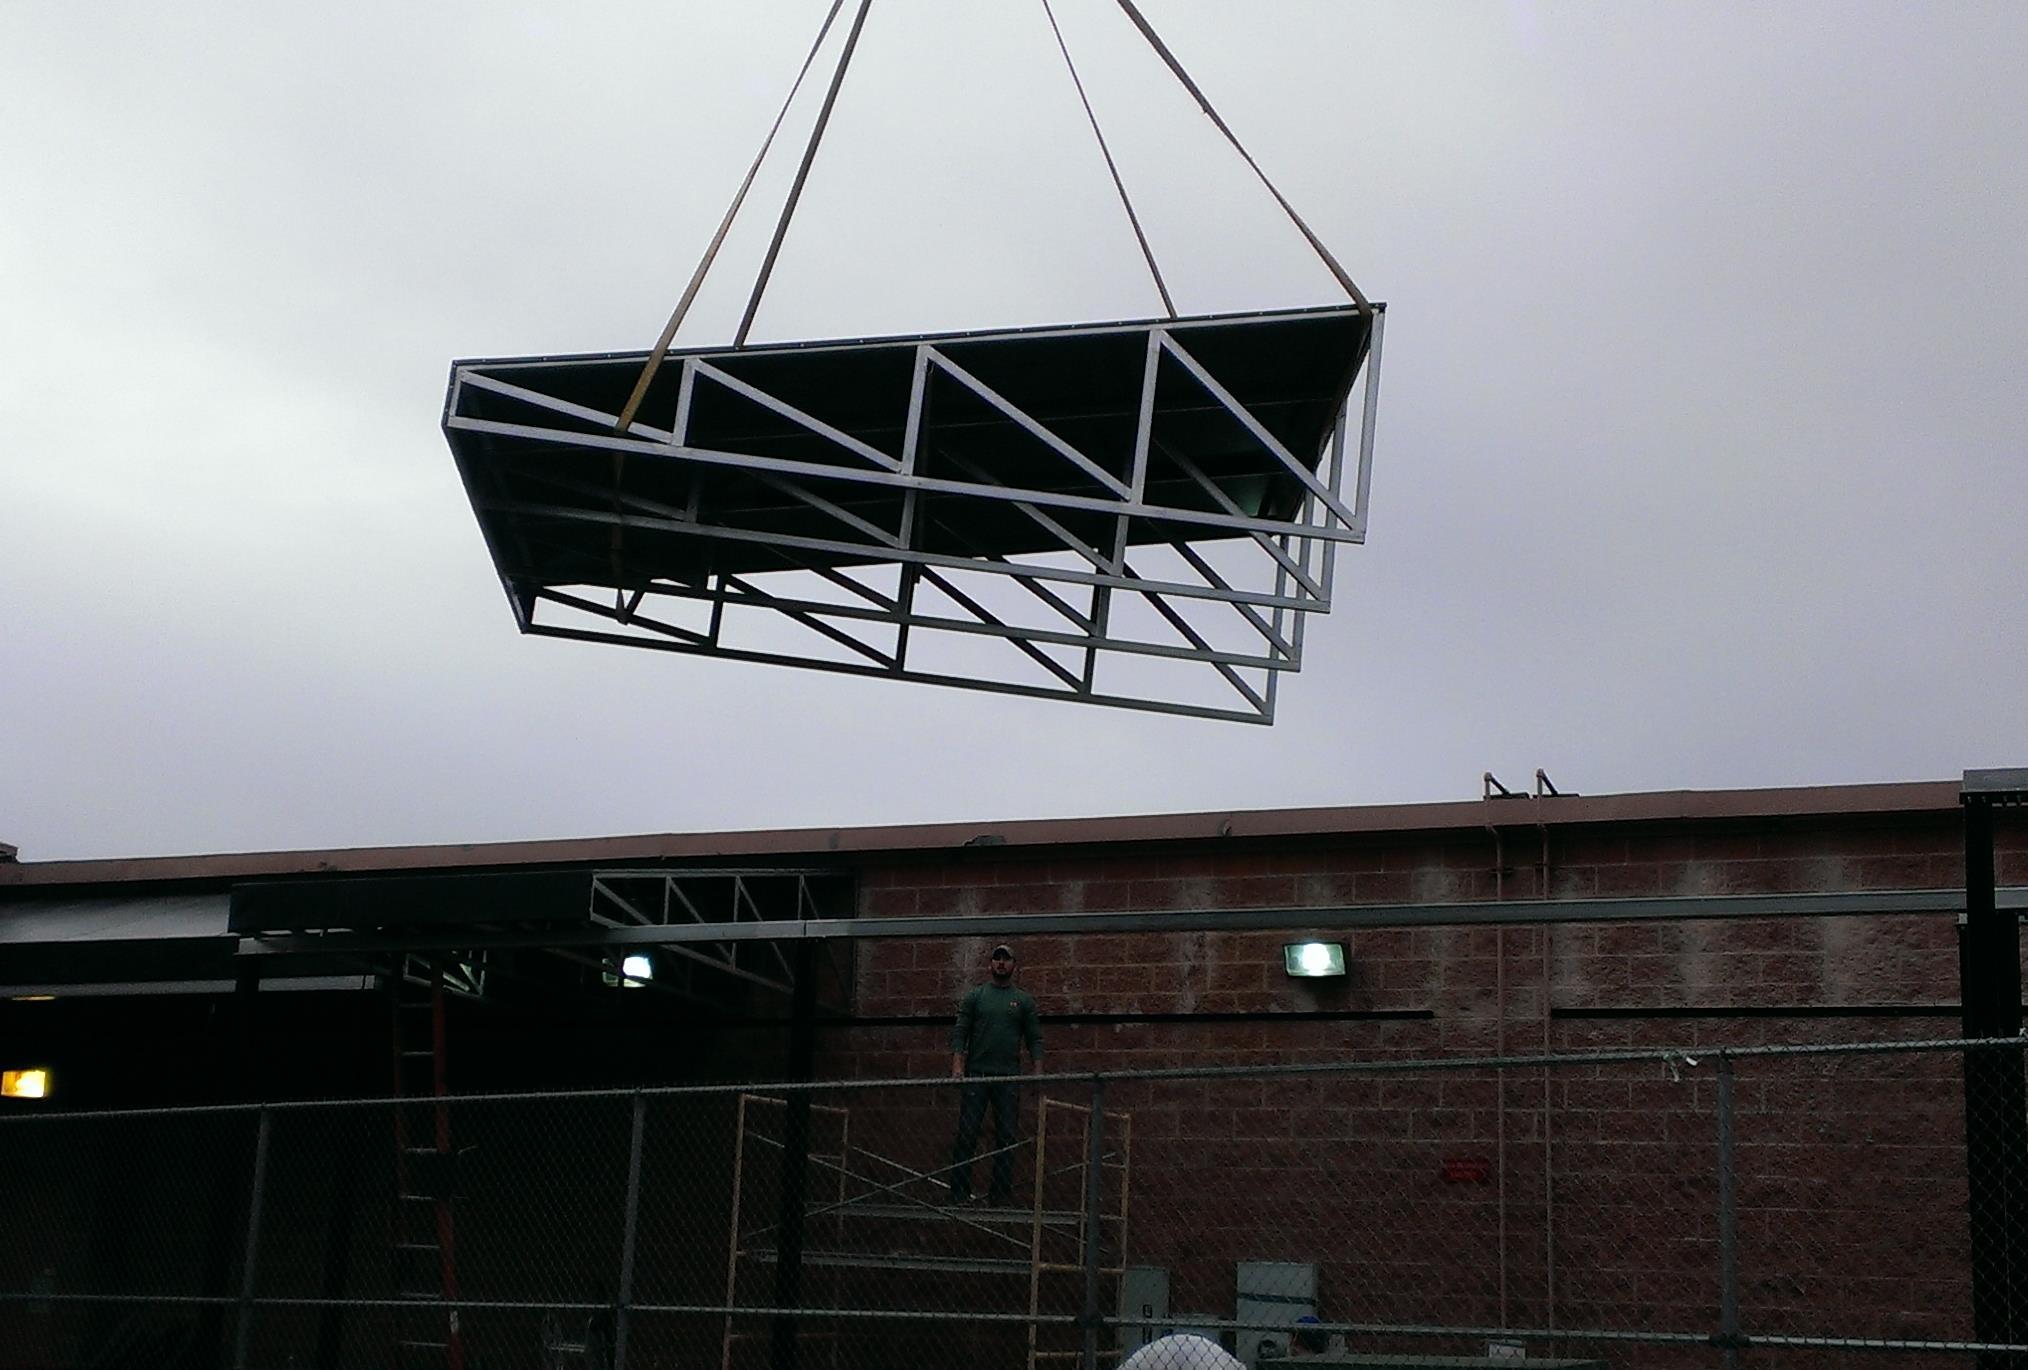 Lifting Trader Joe's awning parts